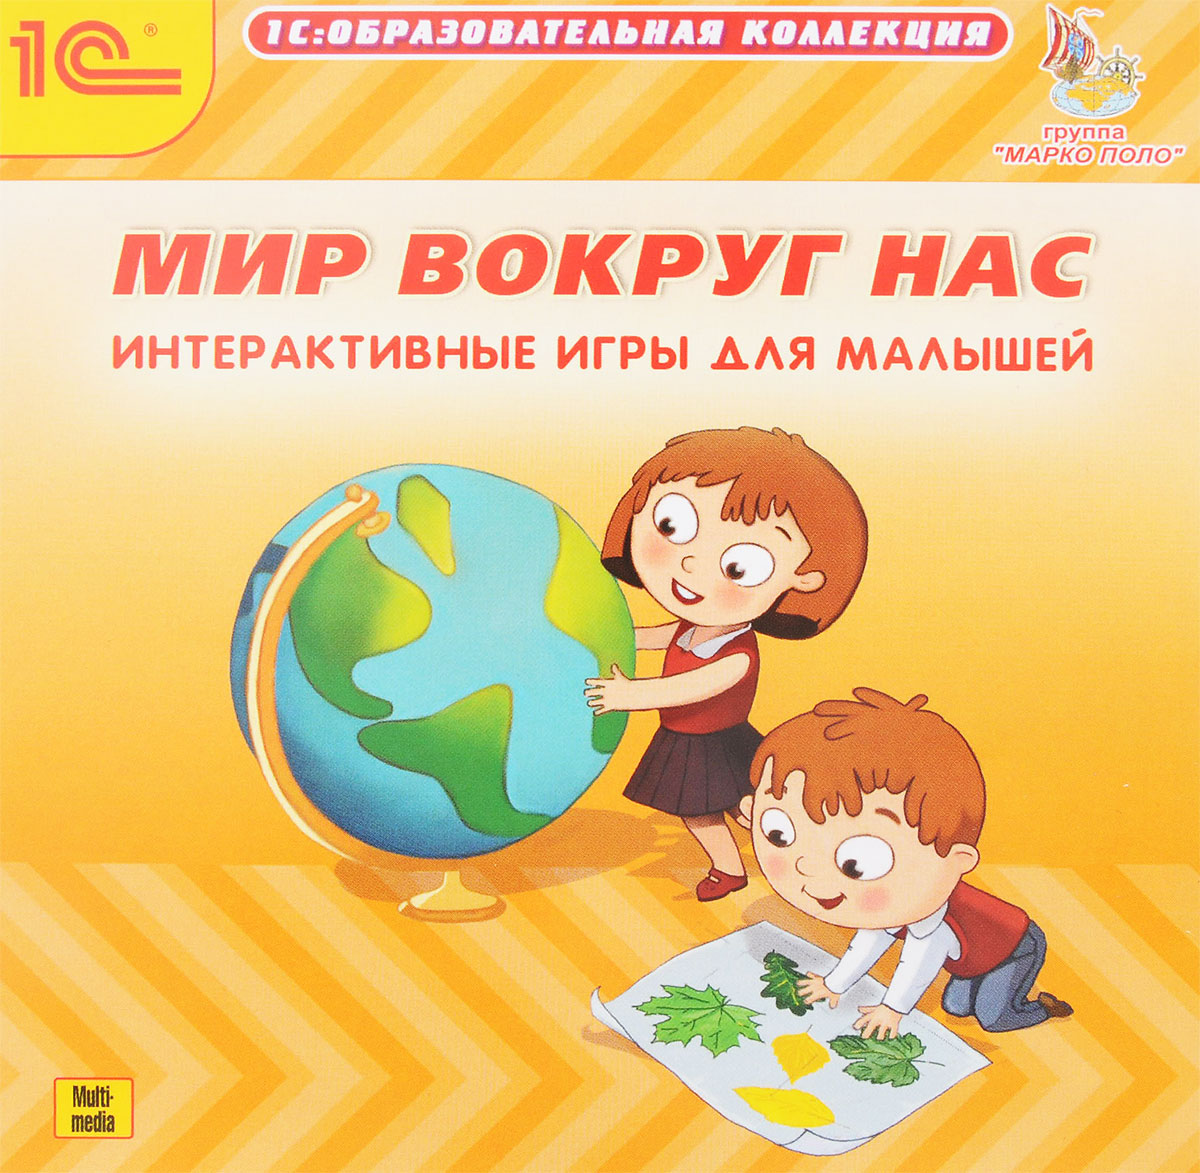 1С: Образовательная коллекция. Мир вокруг нас. Интерактивные игры для малышей обучающие диски 1с паблишинг 1с образовательная коллекция я считаю лучше всех